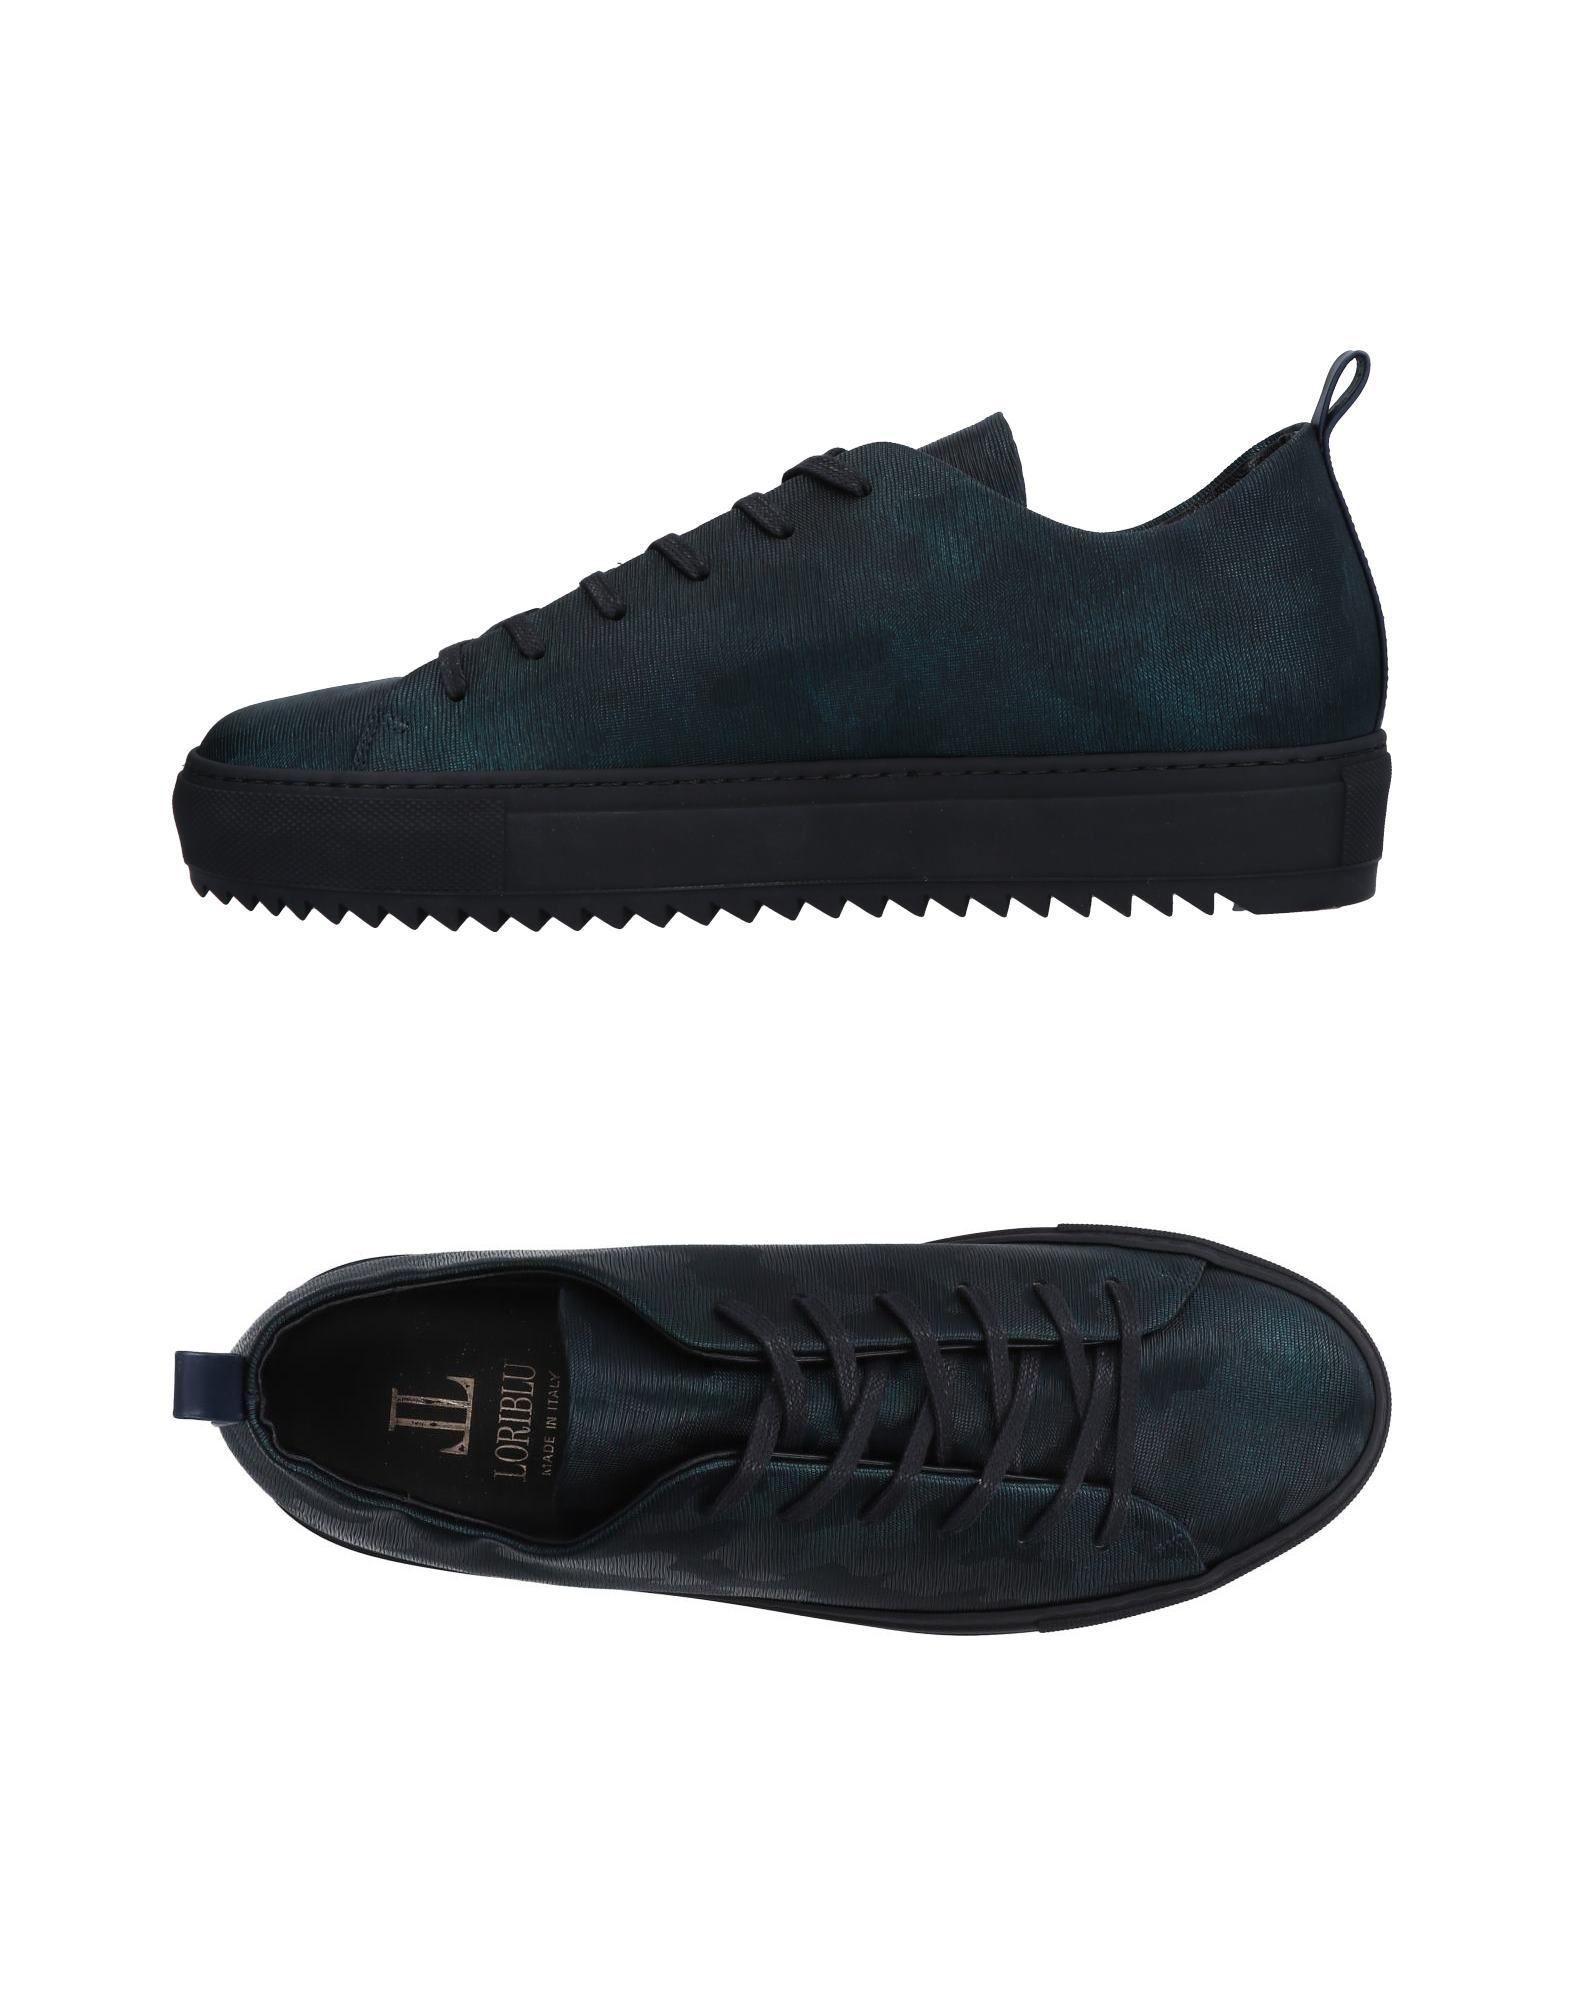 Sneakers Loriblu Homme - Sneakers Loriblu  Vert pétrole Nouvelles chaussures pour hommes et femmes, remise limitée dans le temps